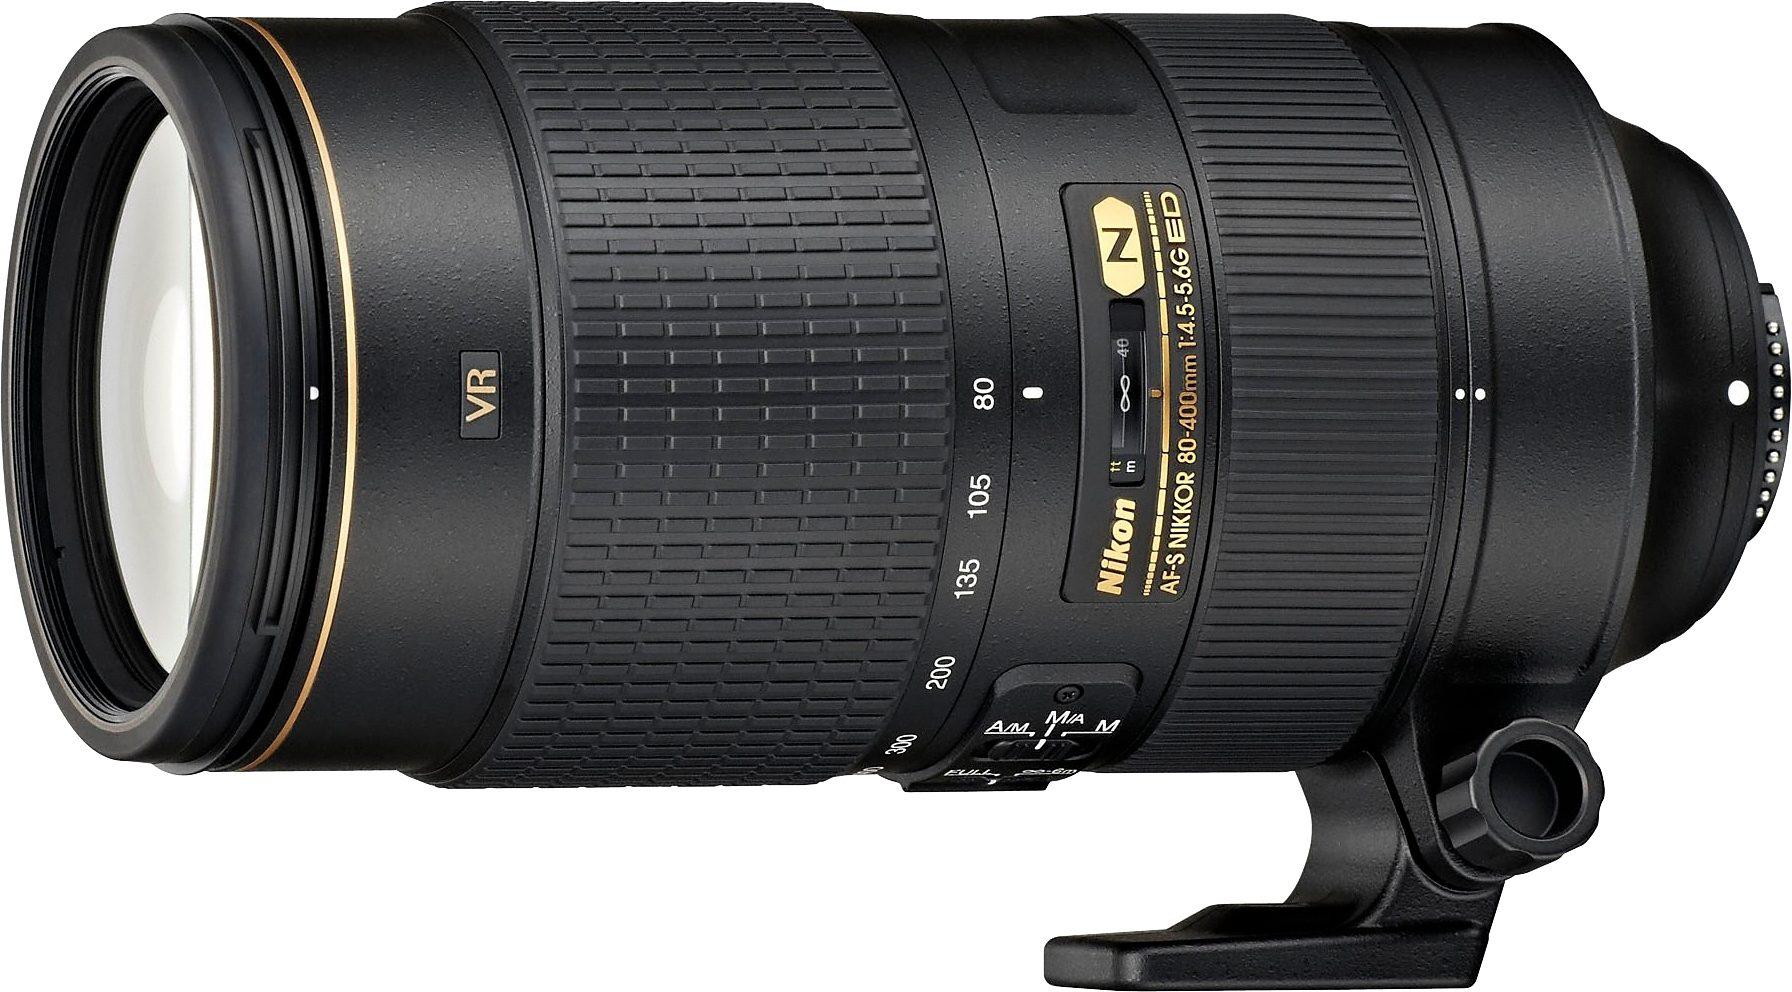 Nikon AF-S NIKKOR 80-400 mm 1:4,5-5,6G ED VR Telezoom Objektiv